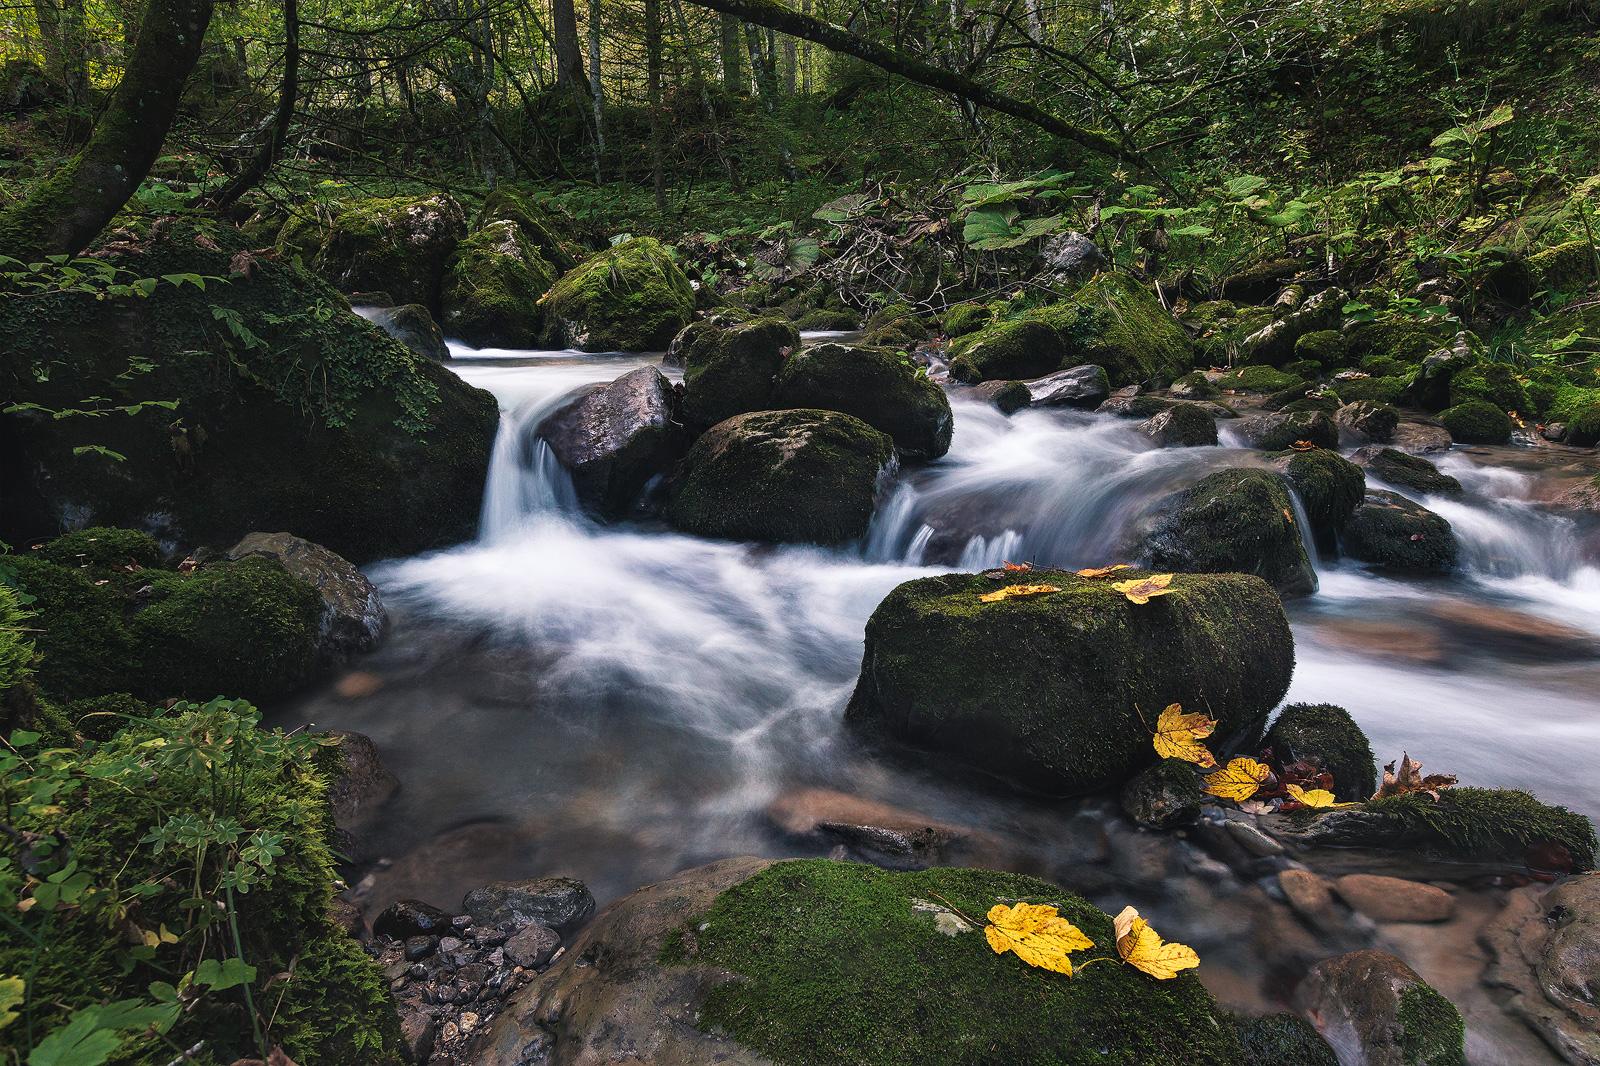 Fotospot Leuenfall, Wasserfall, Appenzell, Schweiz, kathrinsworld, Kathrin's World